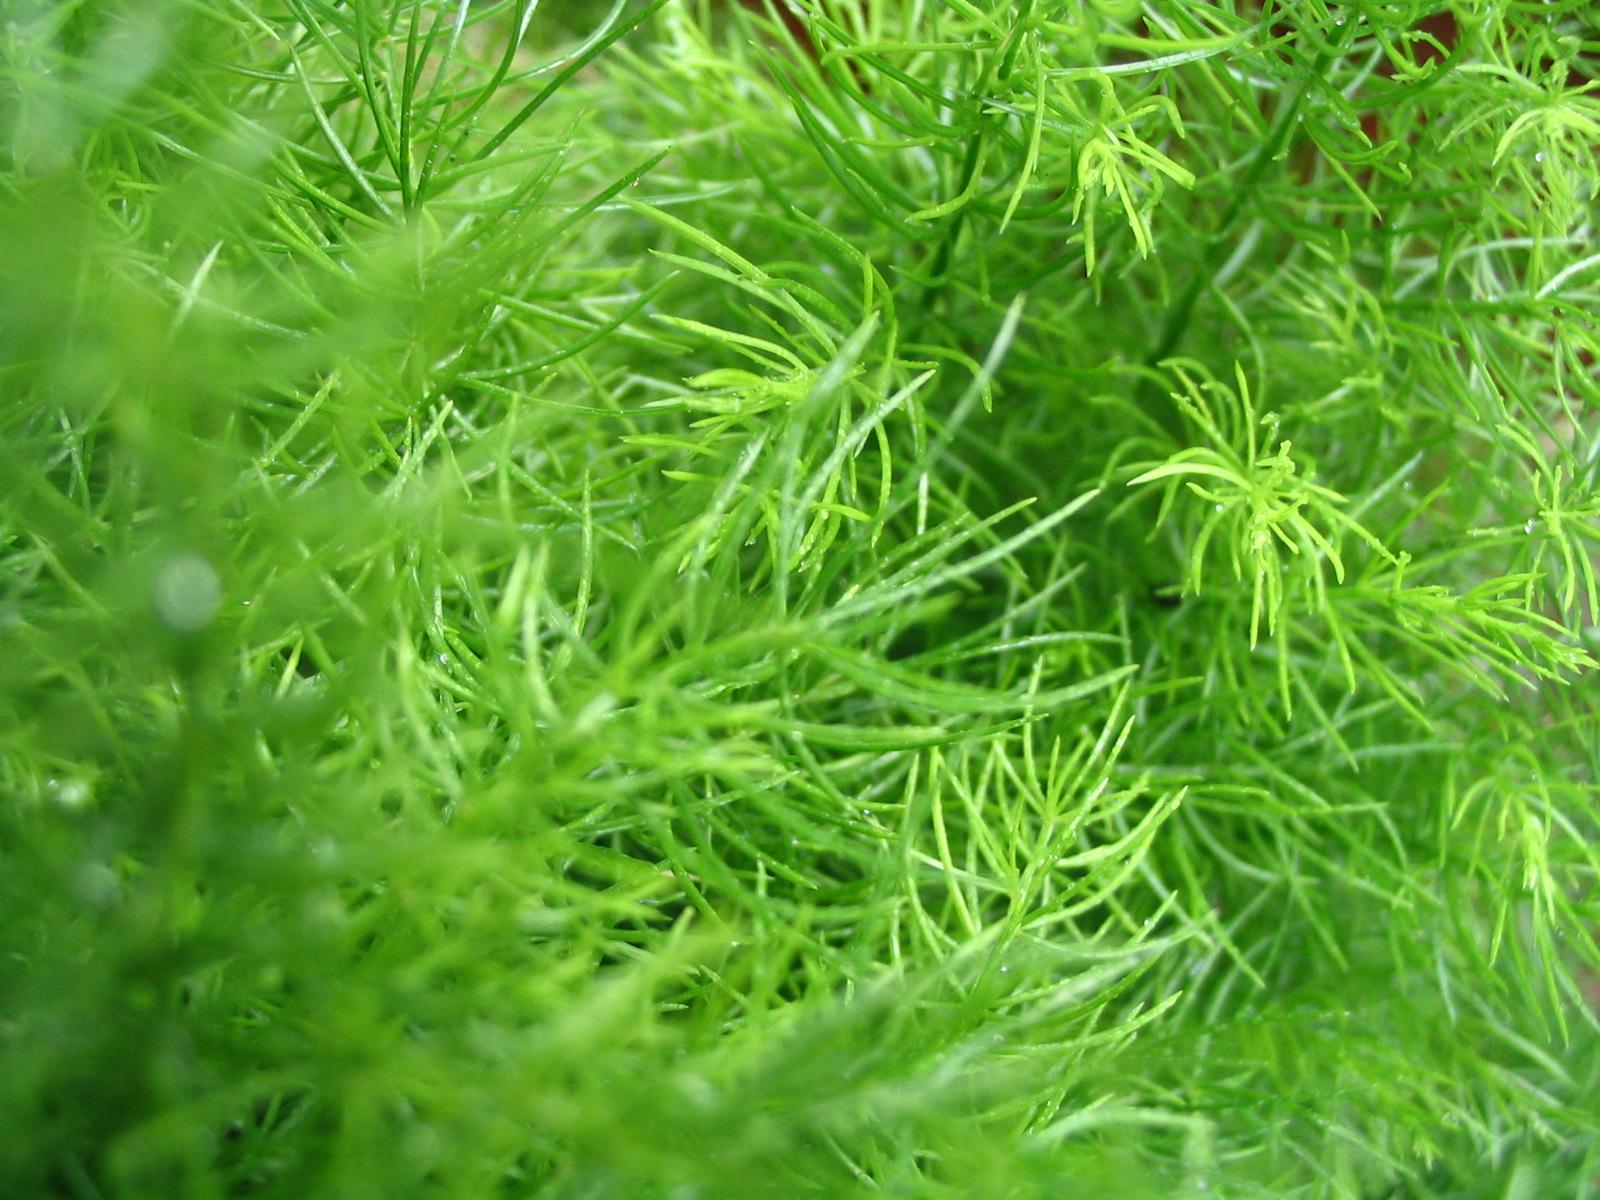 Grass+texture+free